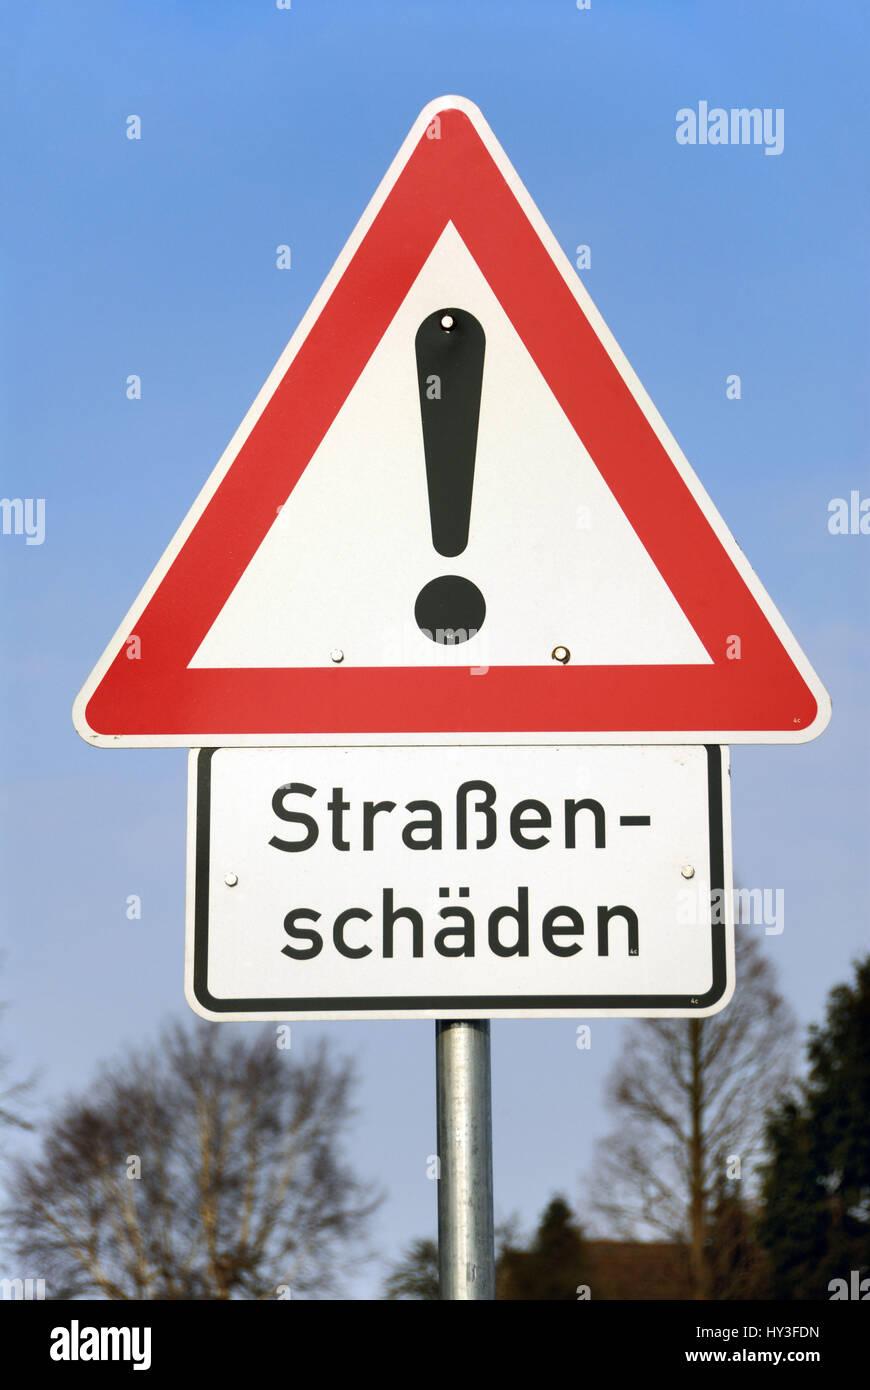 Warning street damages, Warnschild Straßenschäden Stock Photo